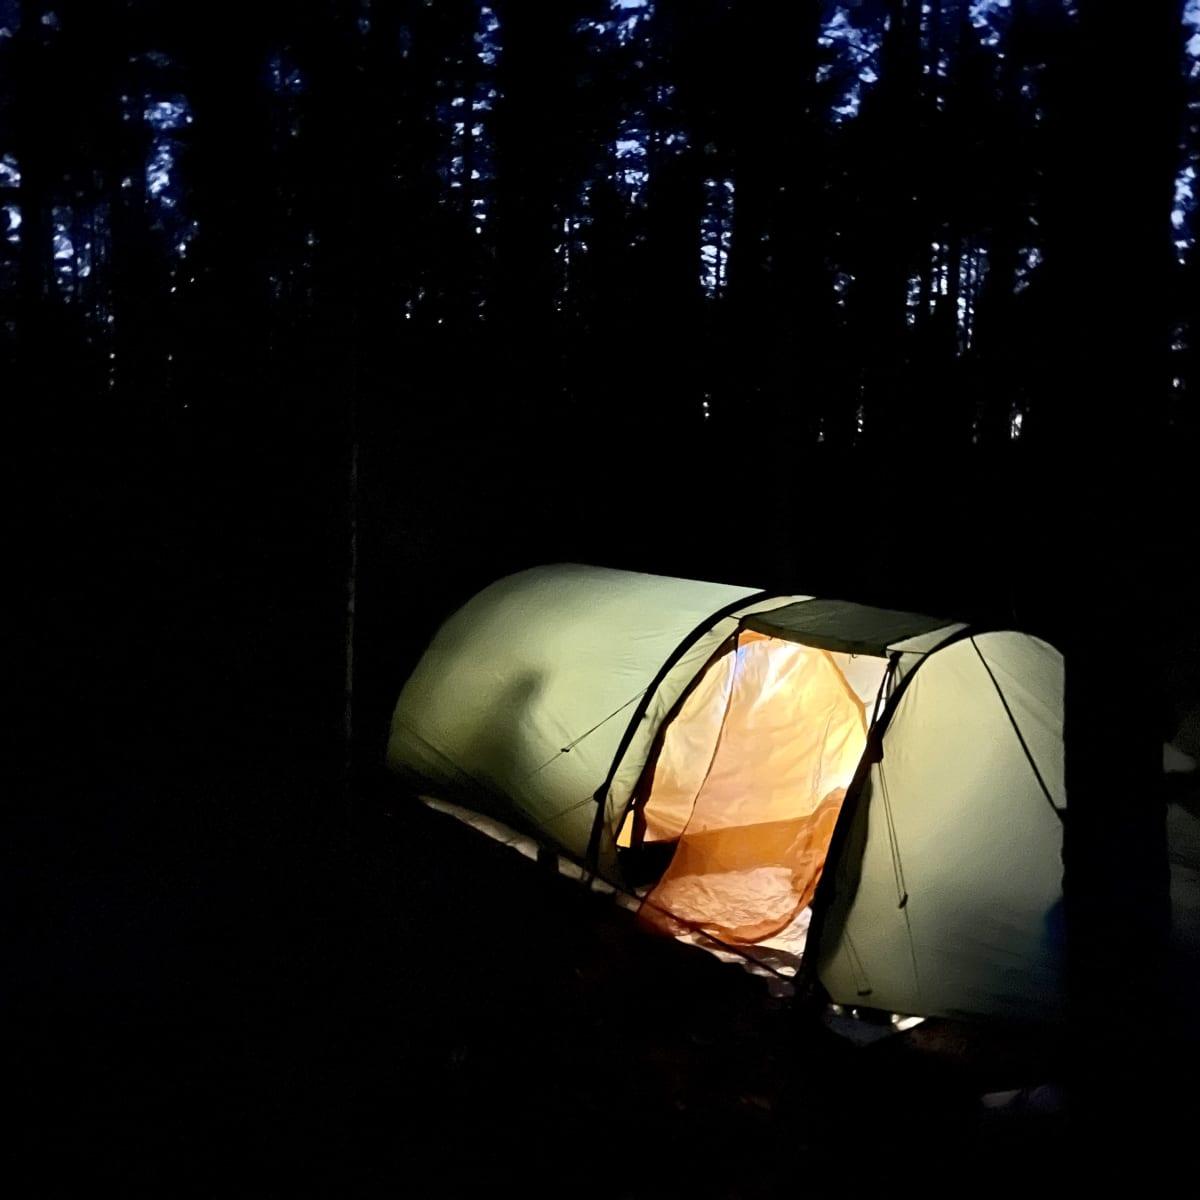 Valaistu teltta loistaa pimeässä metsässä. Teltan sisällä näkyy ihmisen varjo.